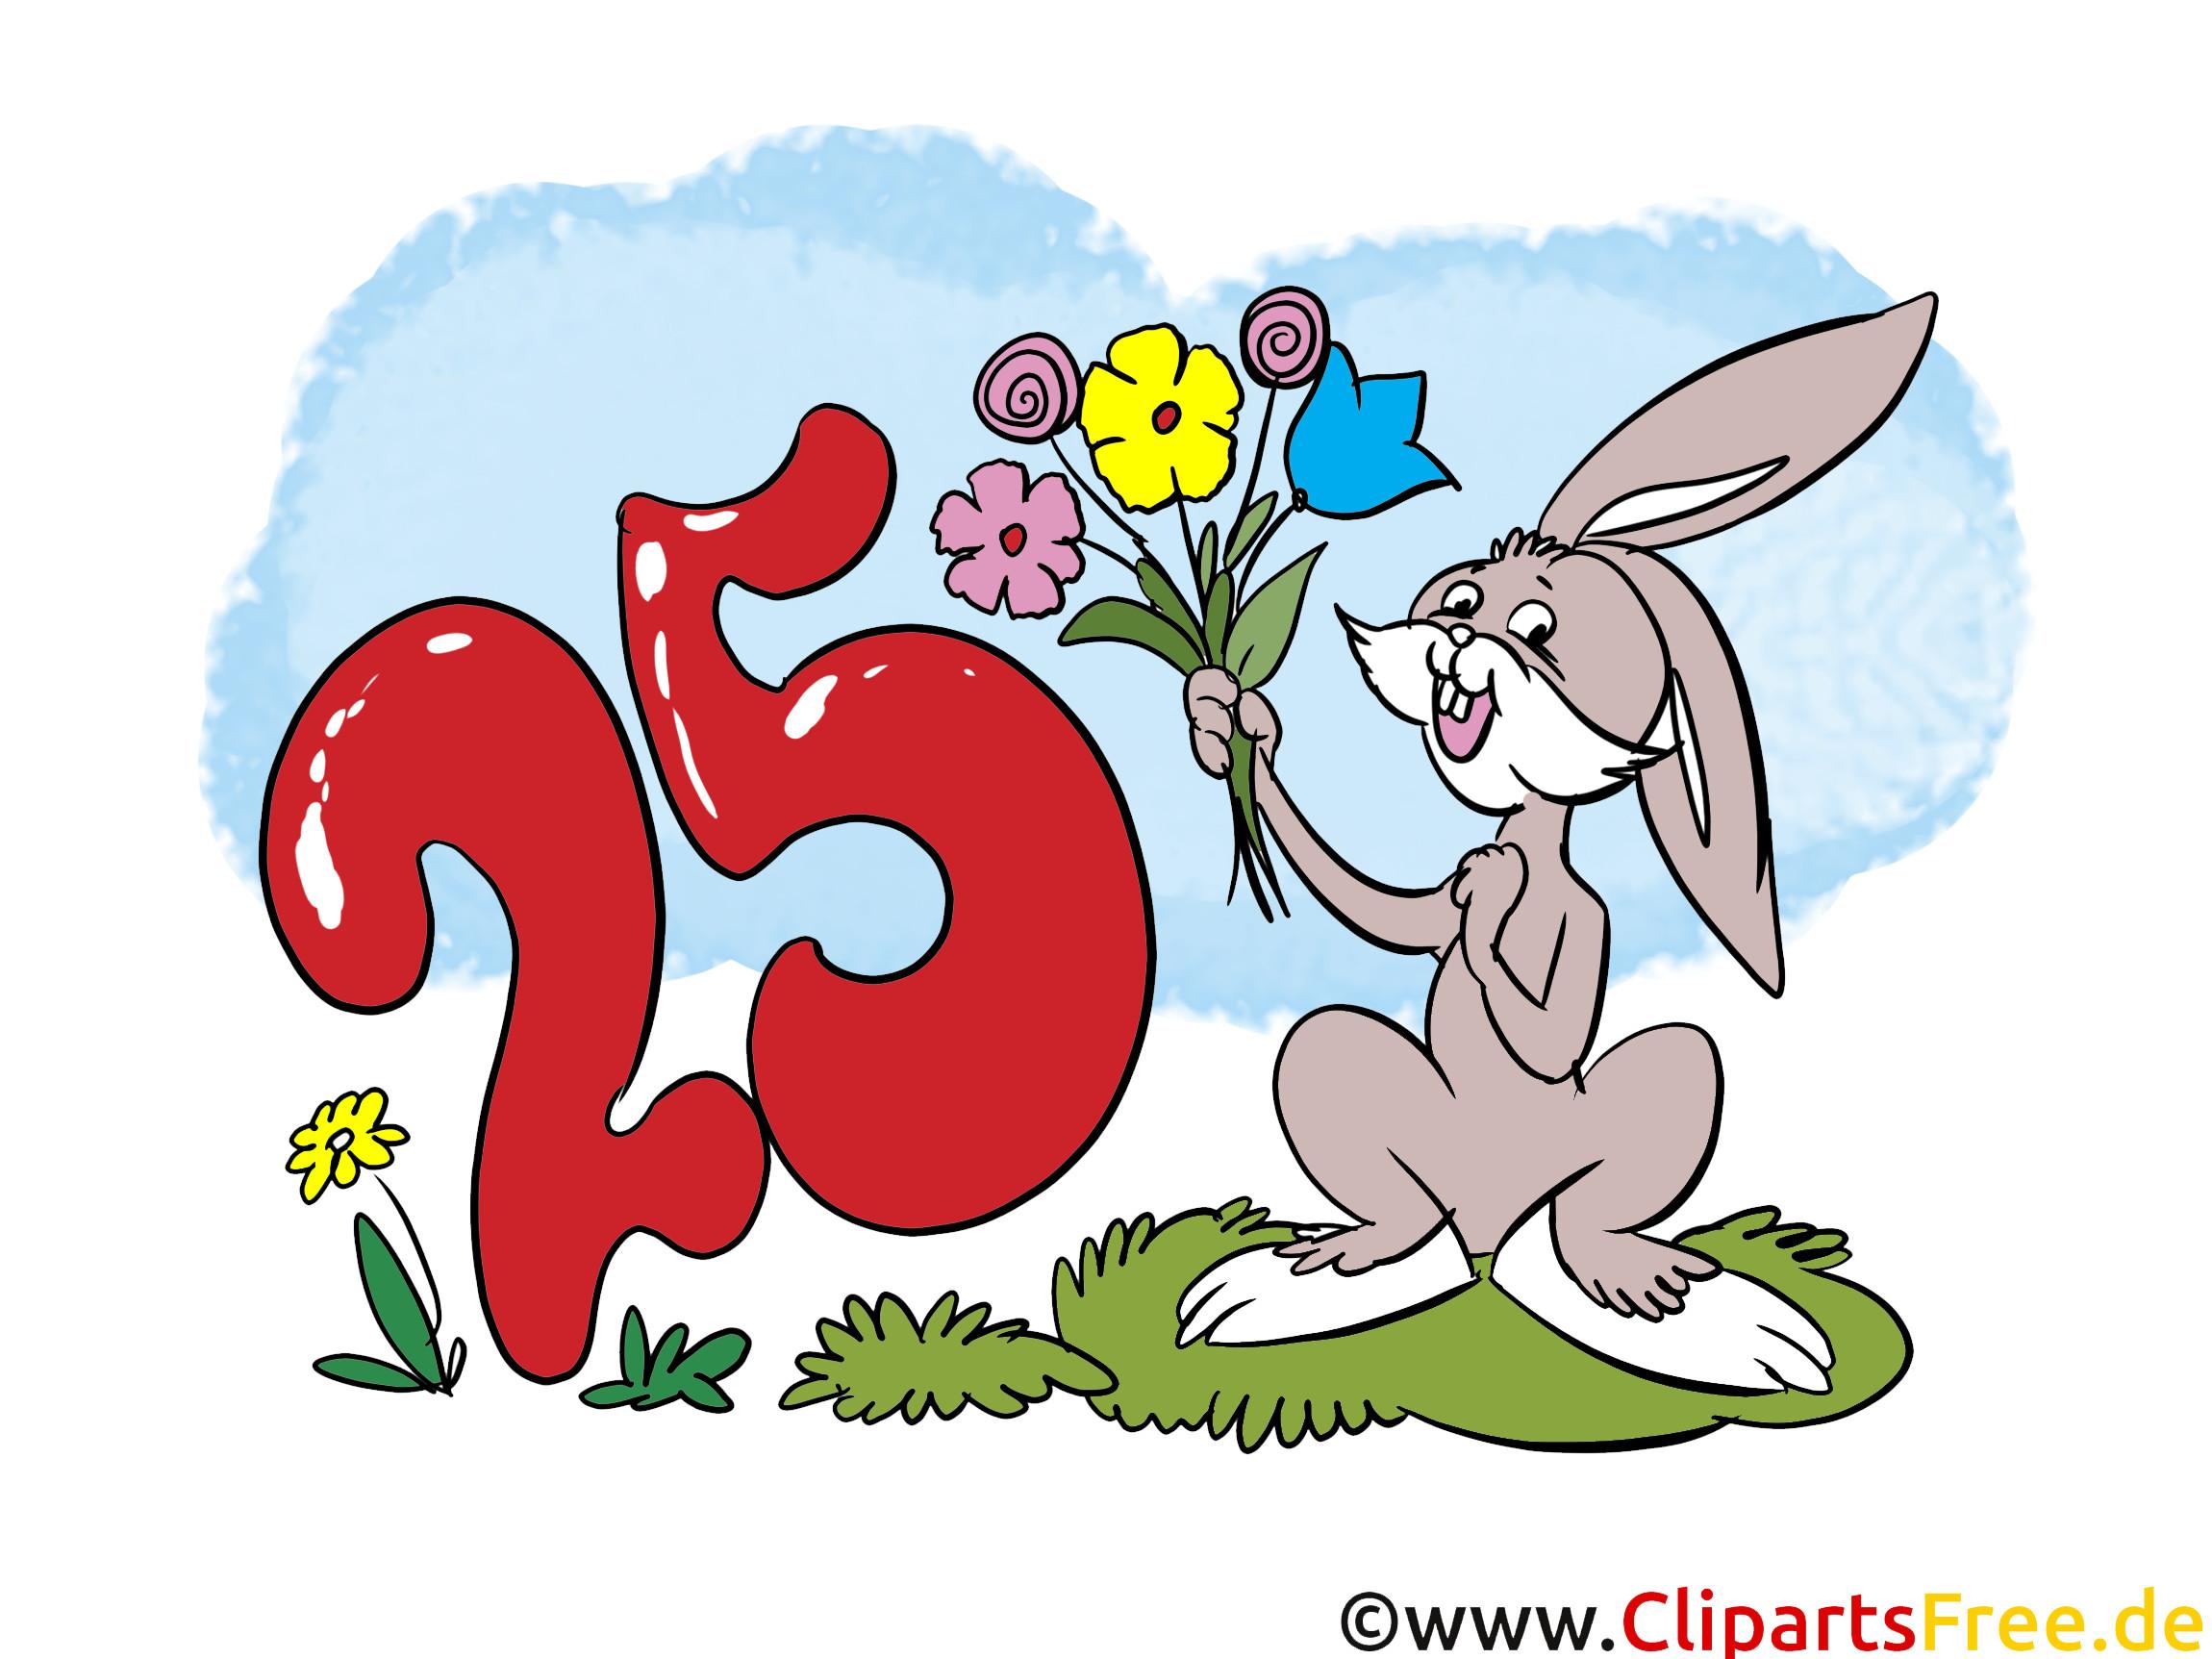 Geburtstagswünsche Zum 25  Lustige Geburtstagswünsche zum 25 Geburtstag eCard Bild